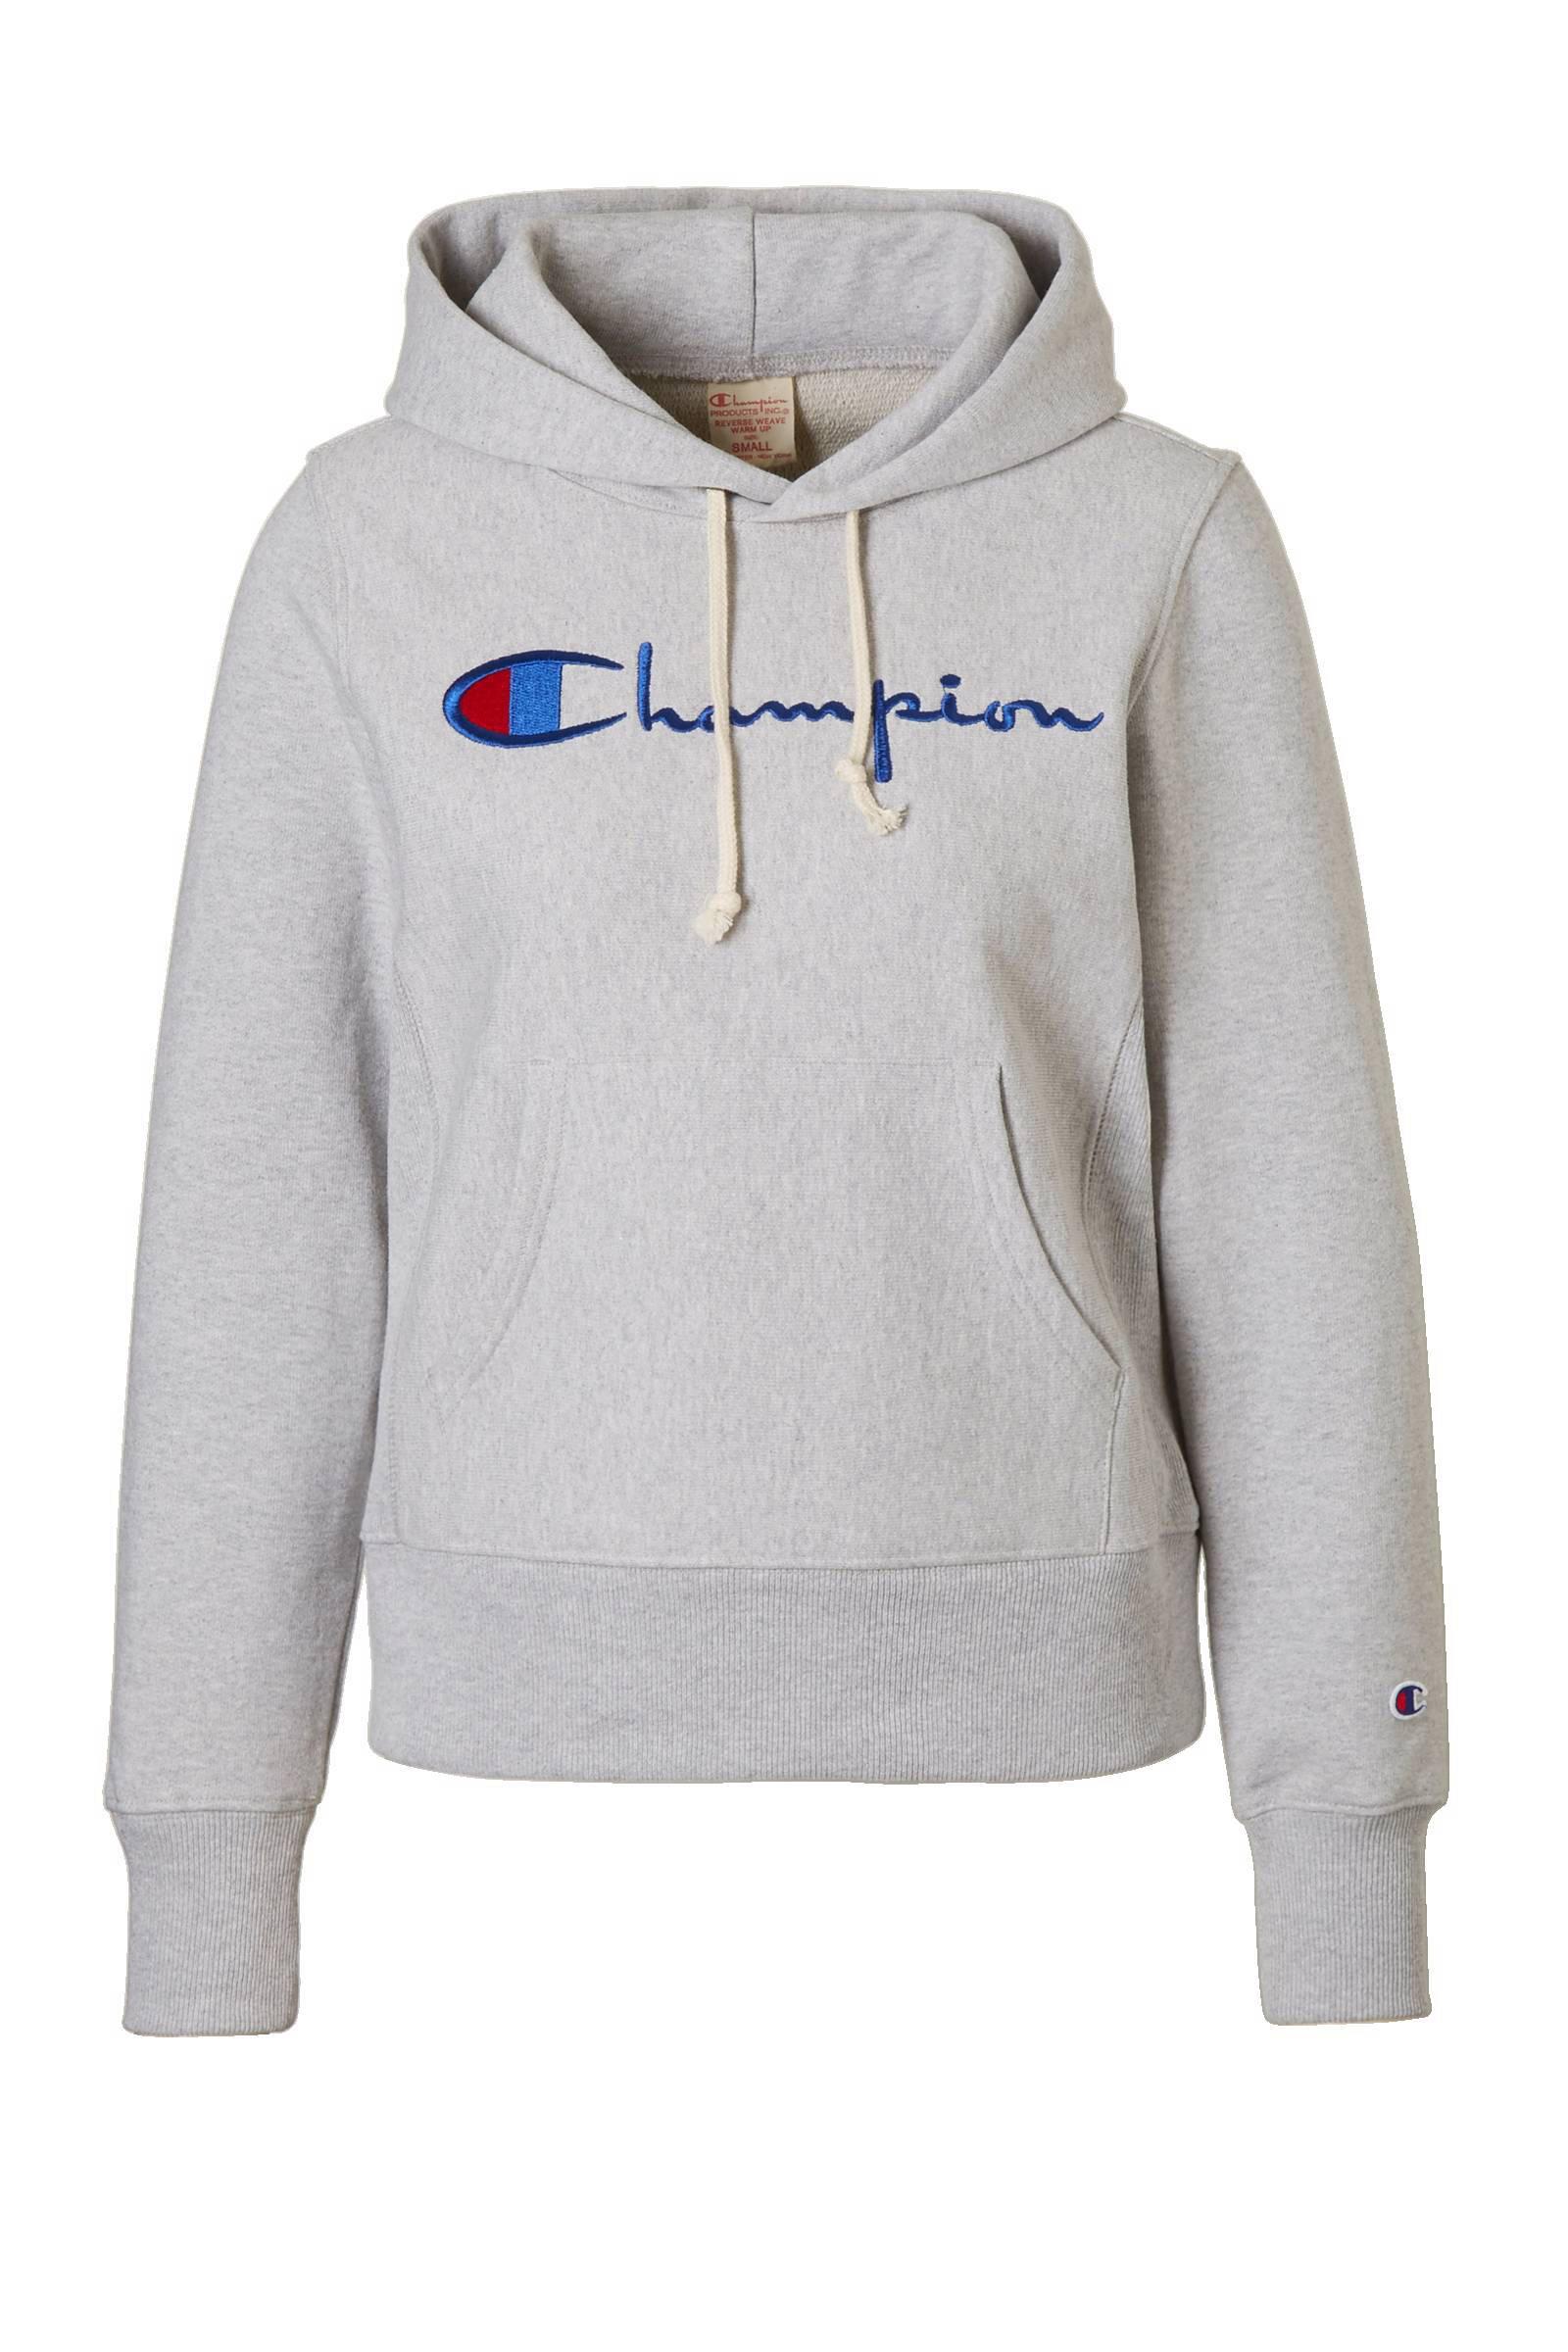 Champion sweater | wehkamp